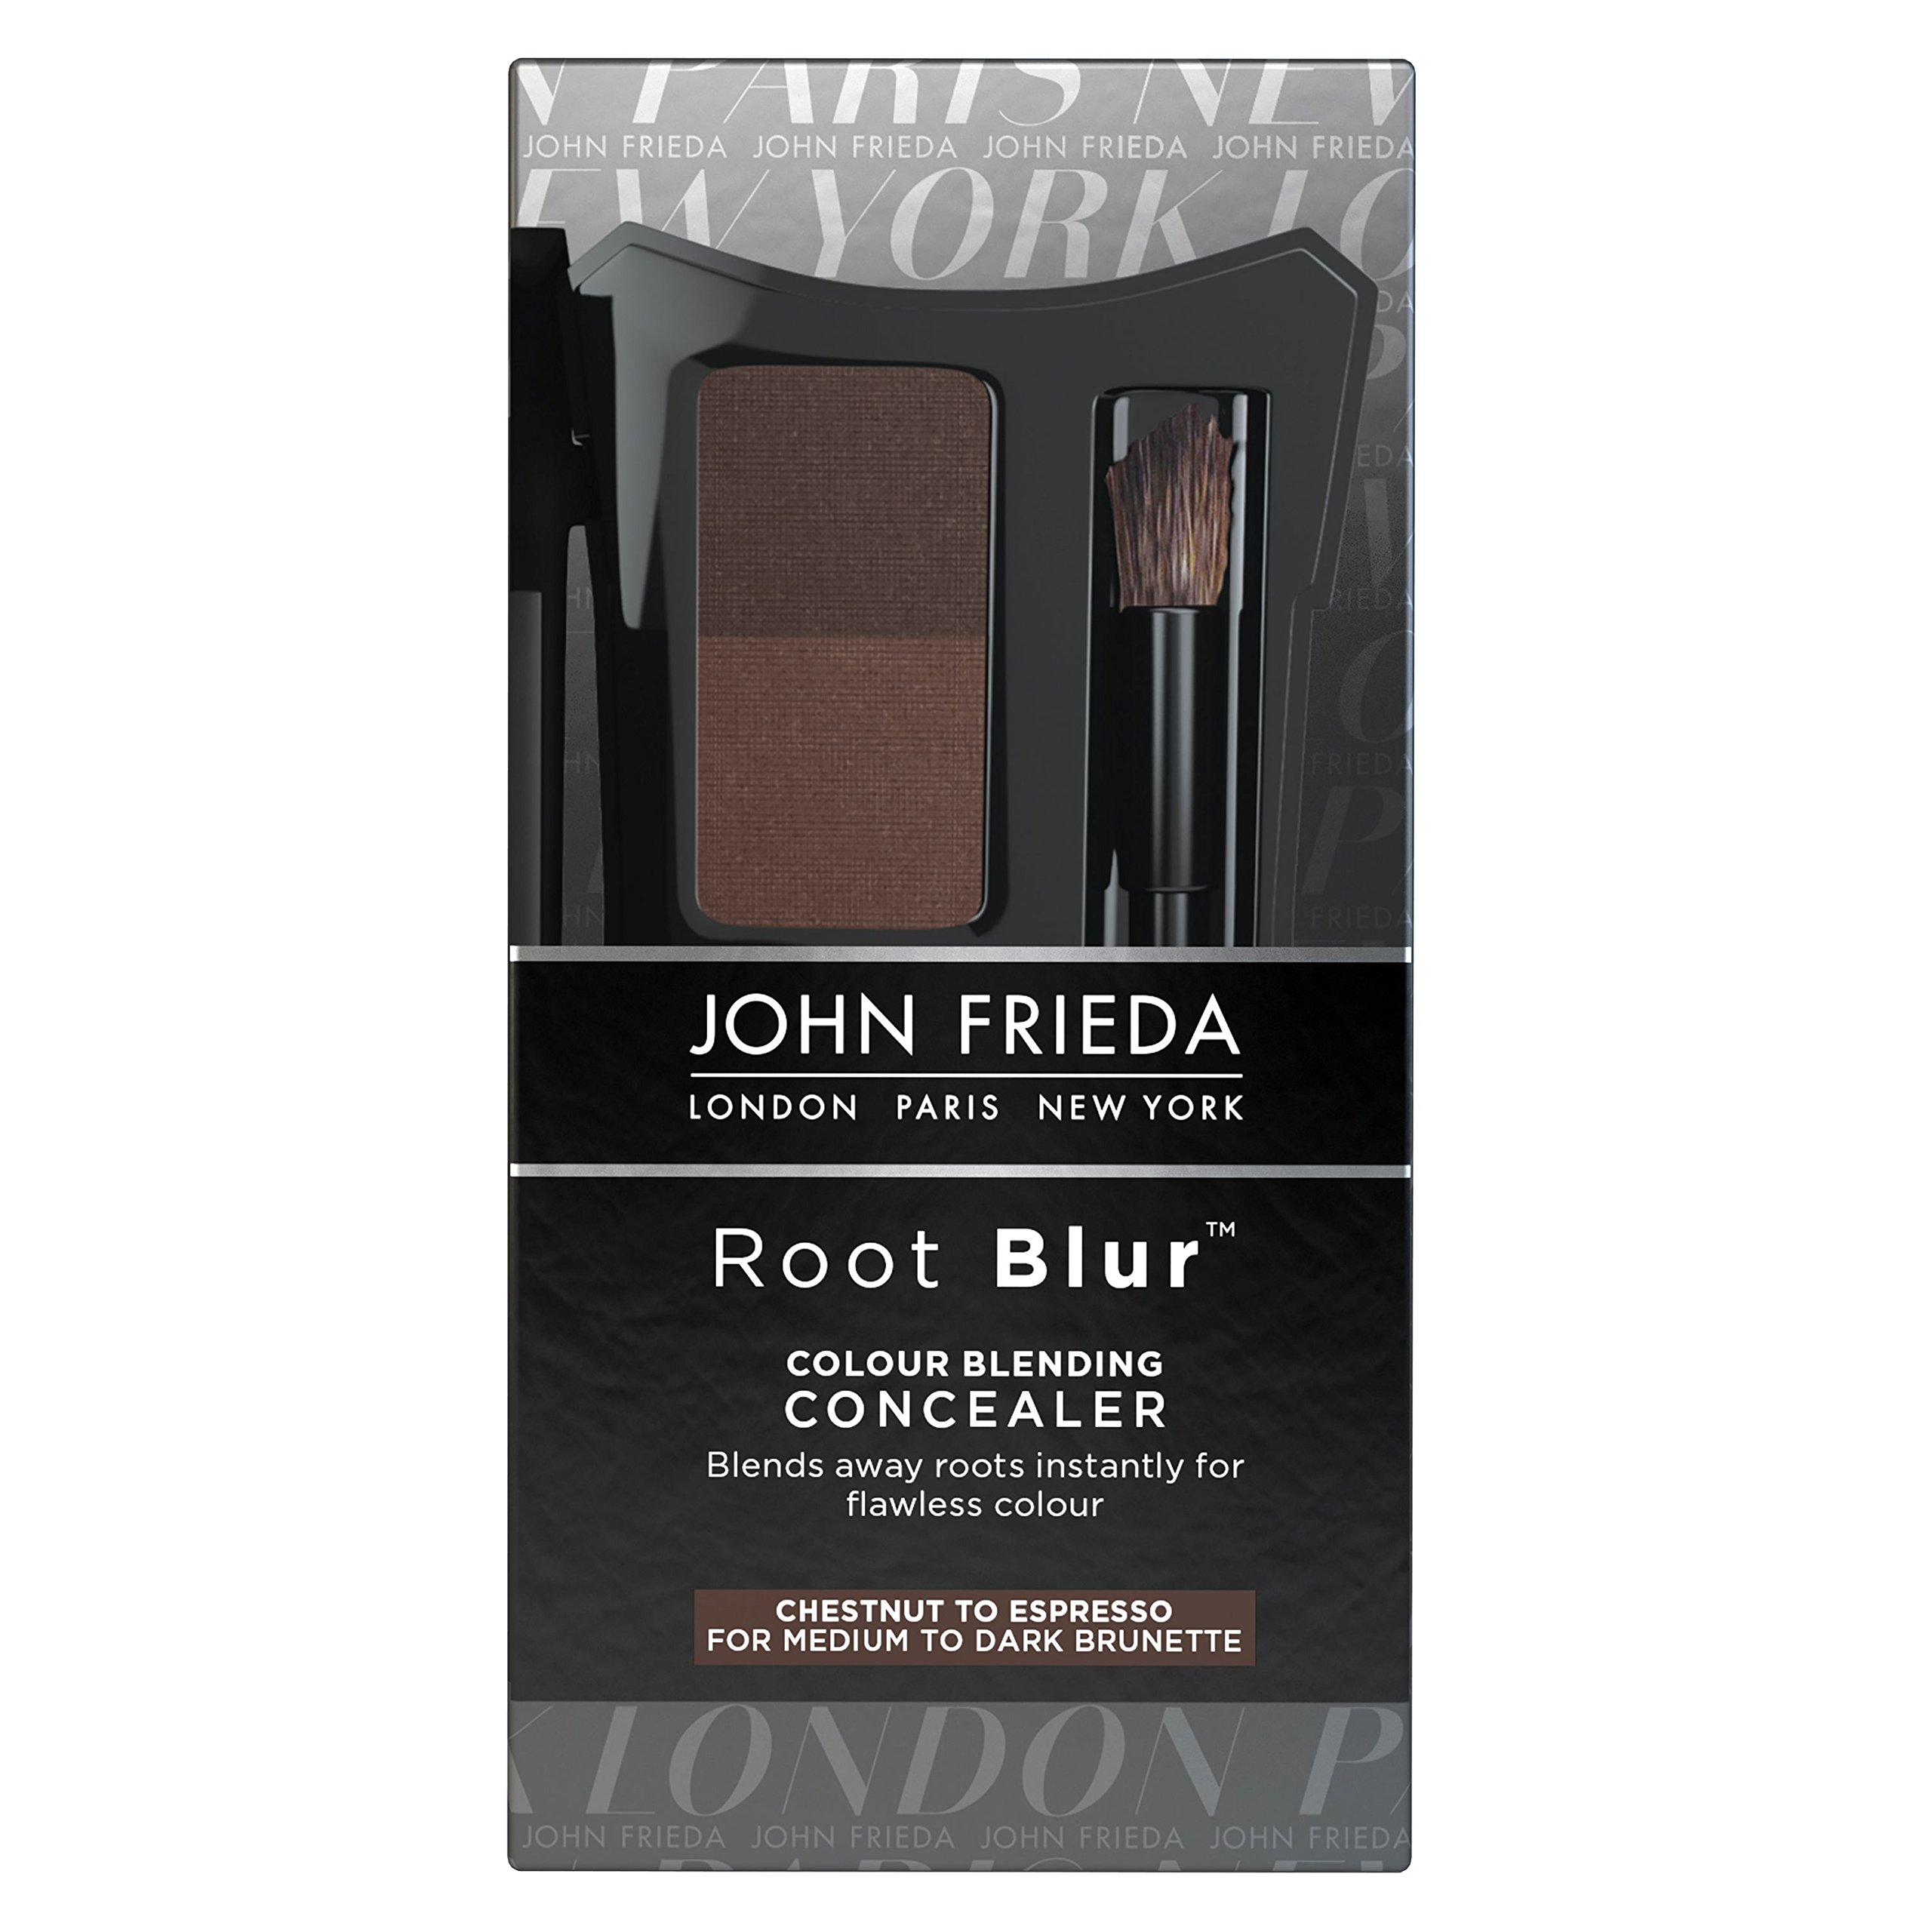 John Frieda Root Blur Color Blending Concealer Chestnut to Espresso Brunettes